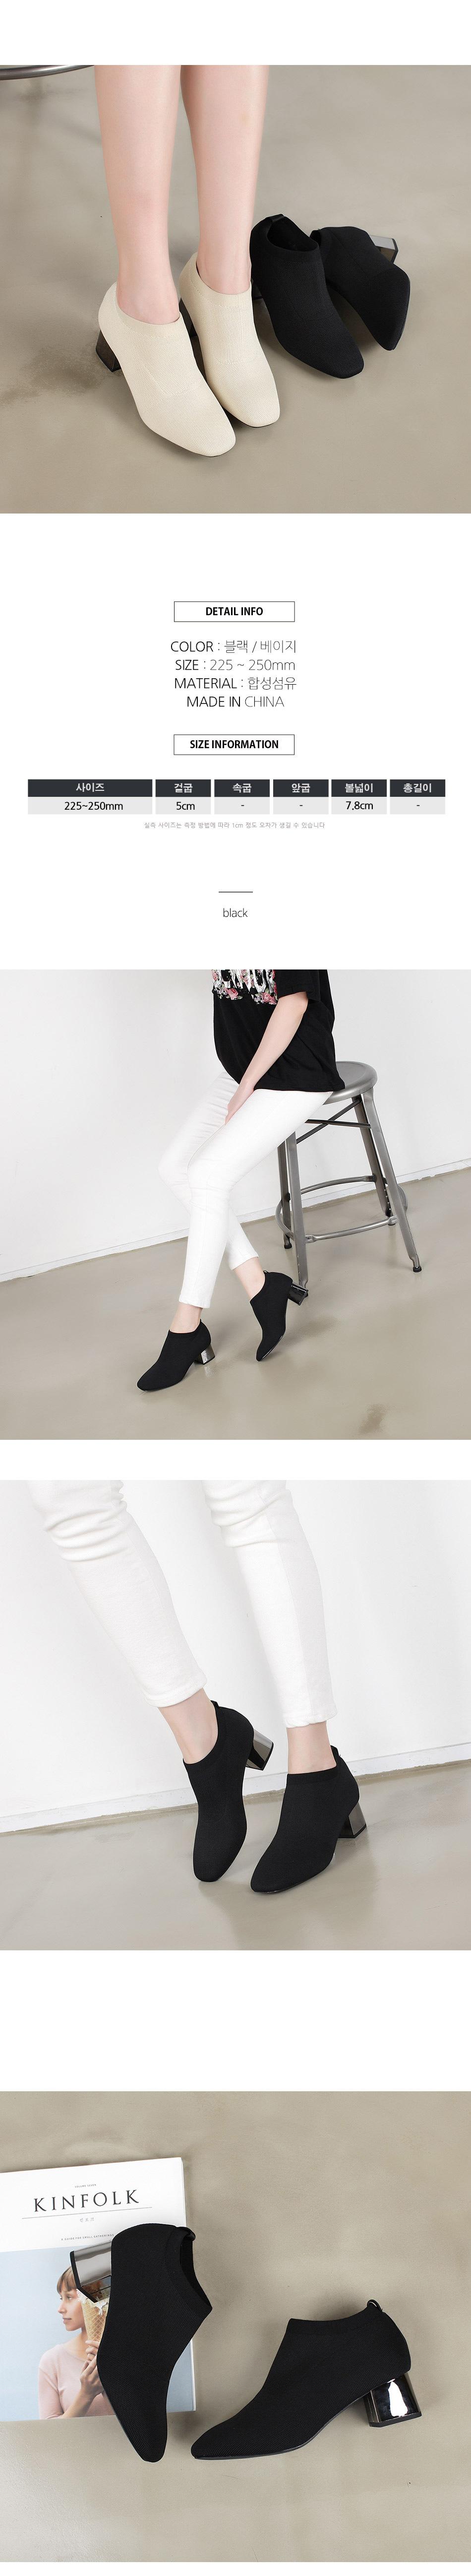 더보이더걸WS-6636(5cm) 니트 밴딩 여자 앵클부츠 가을 - 더보이더걸, 48,900원, 부츠, 앵클부츠